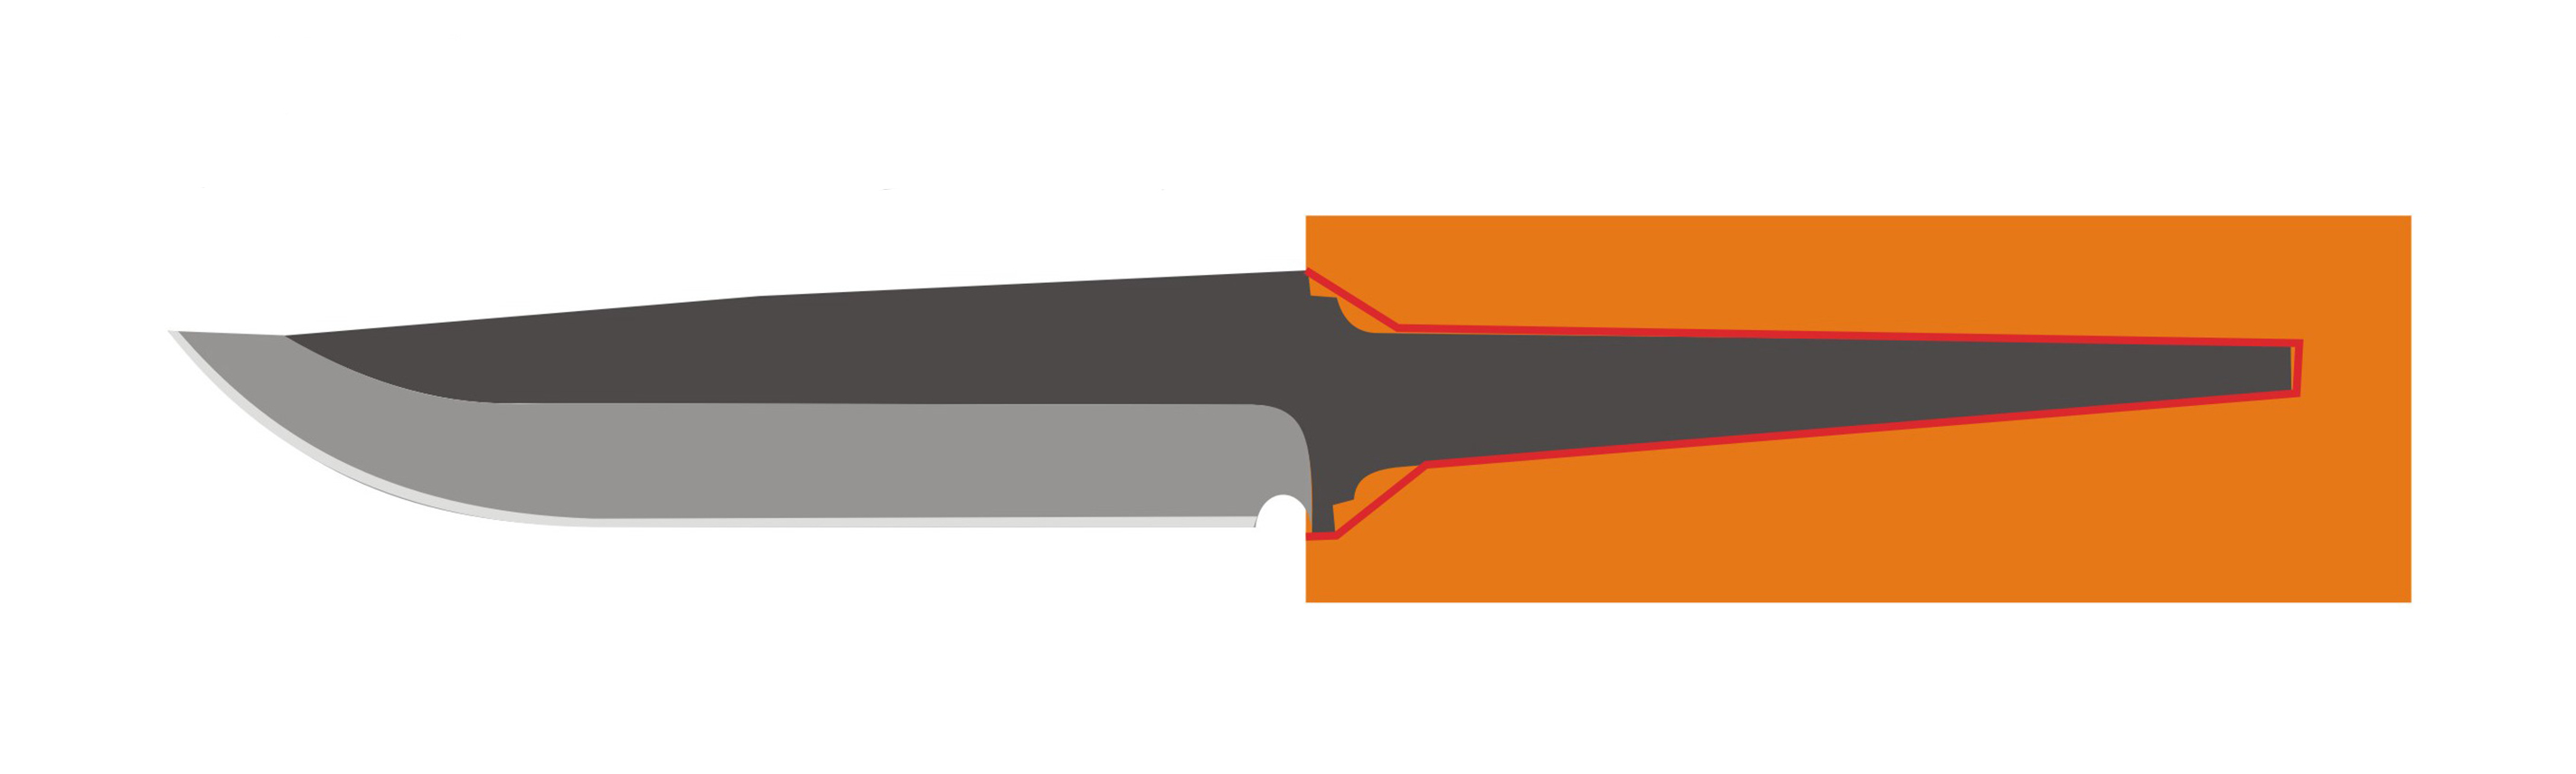 Рукоятка для ножа своими руками: пошаговая инструкция